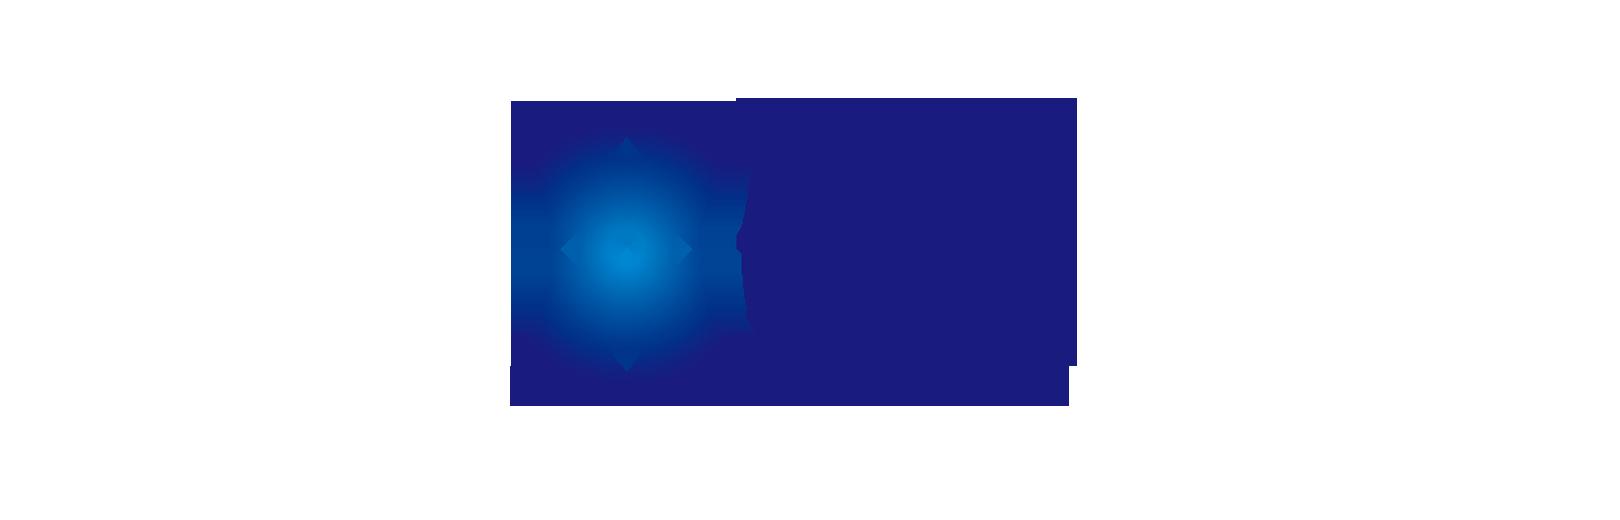 北京康正宏信信息技術有限公司